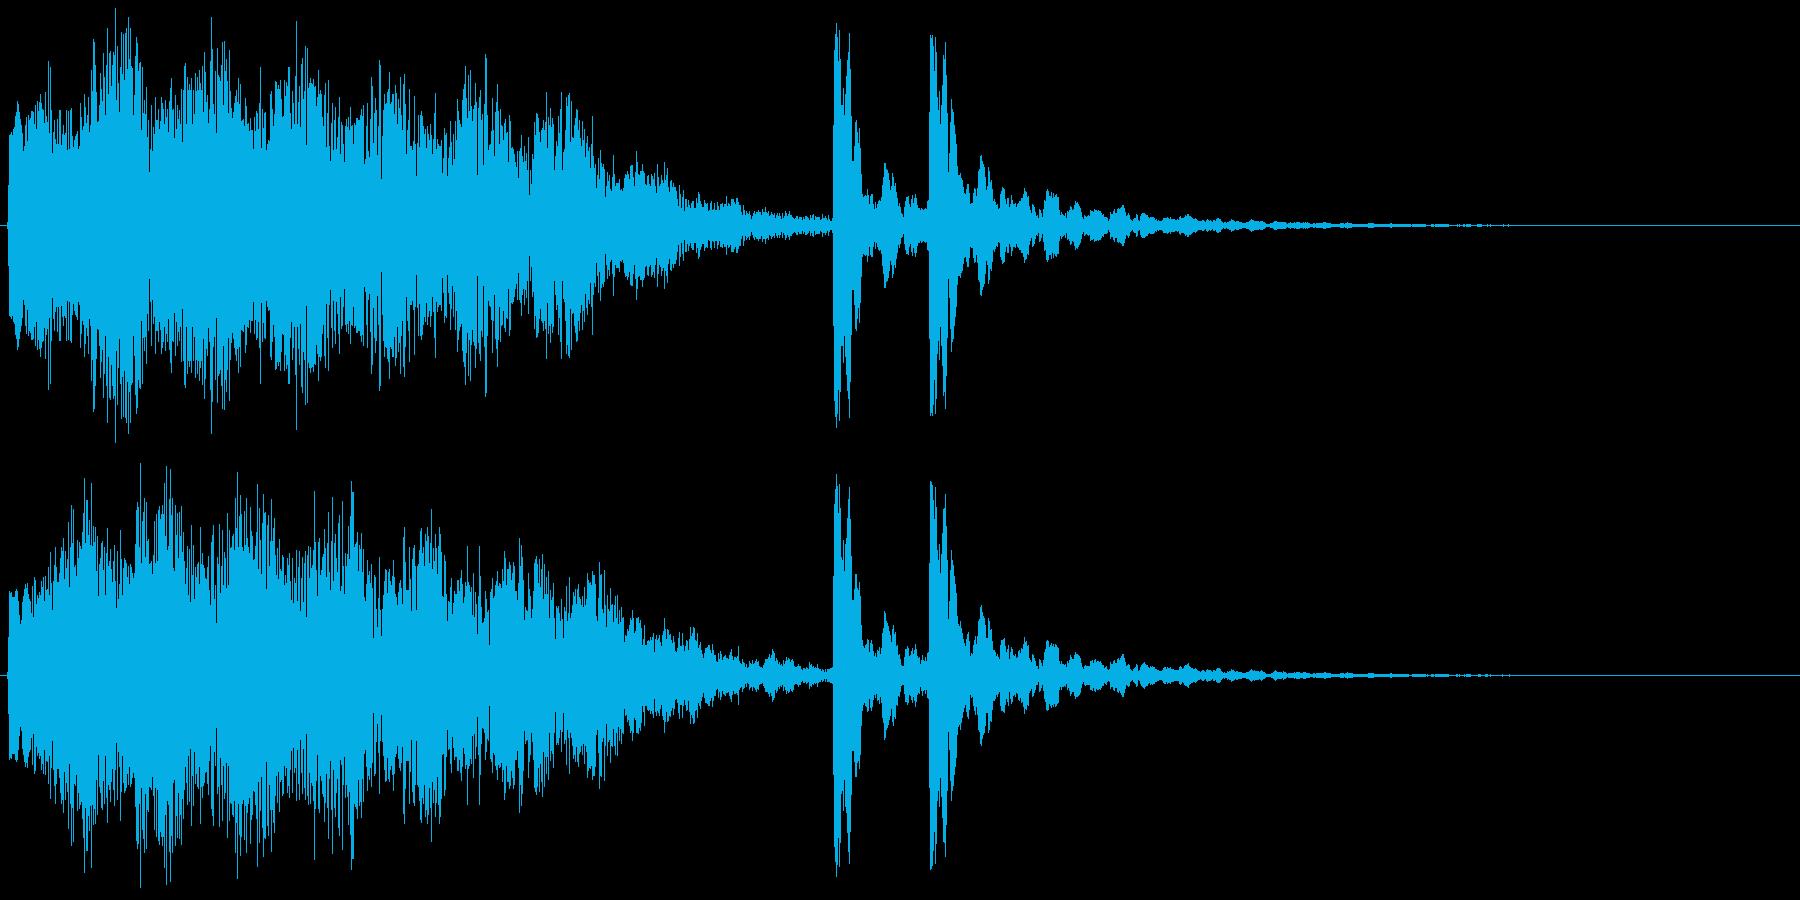 5,宇宙&和風サウンドロゴ (3秒ロゴ)の再生済みの波形